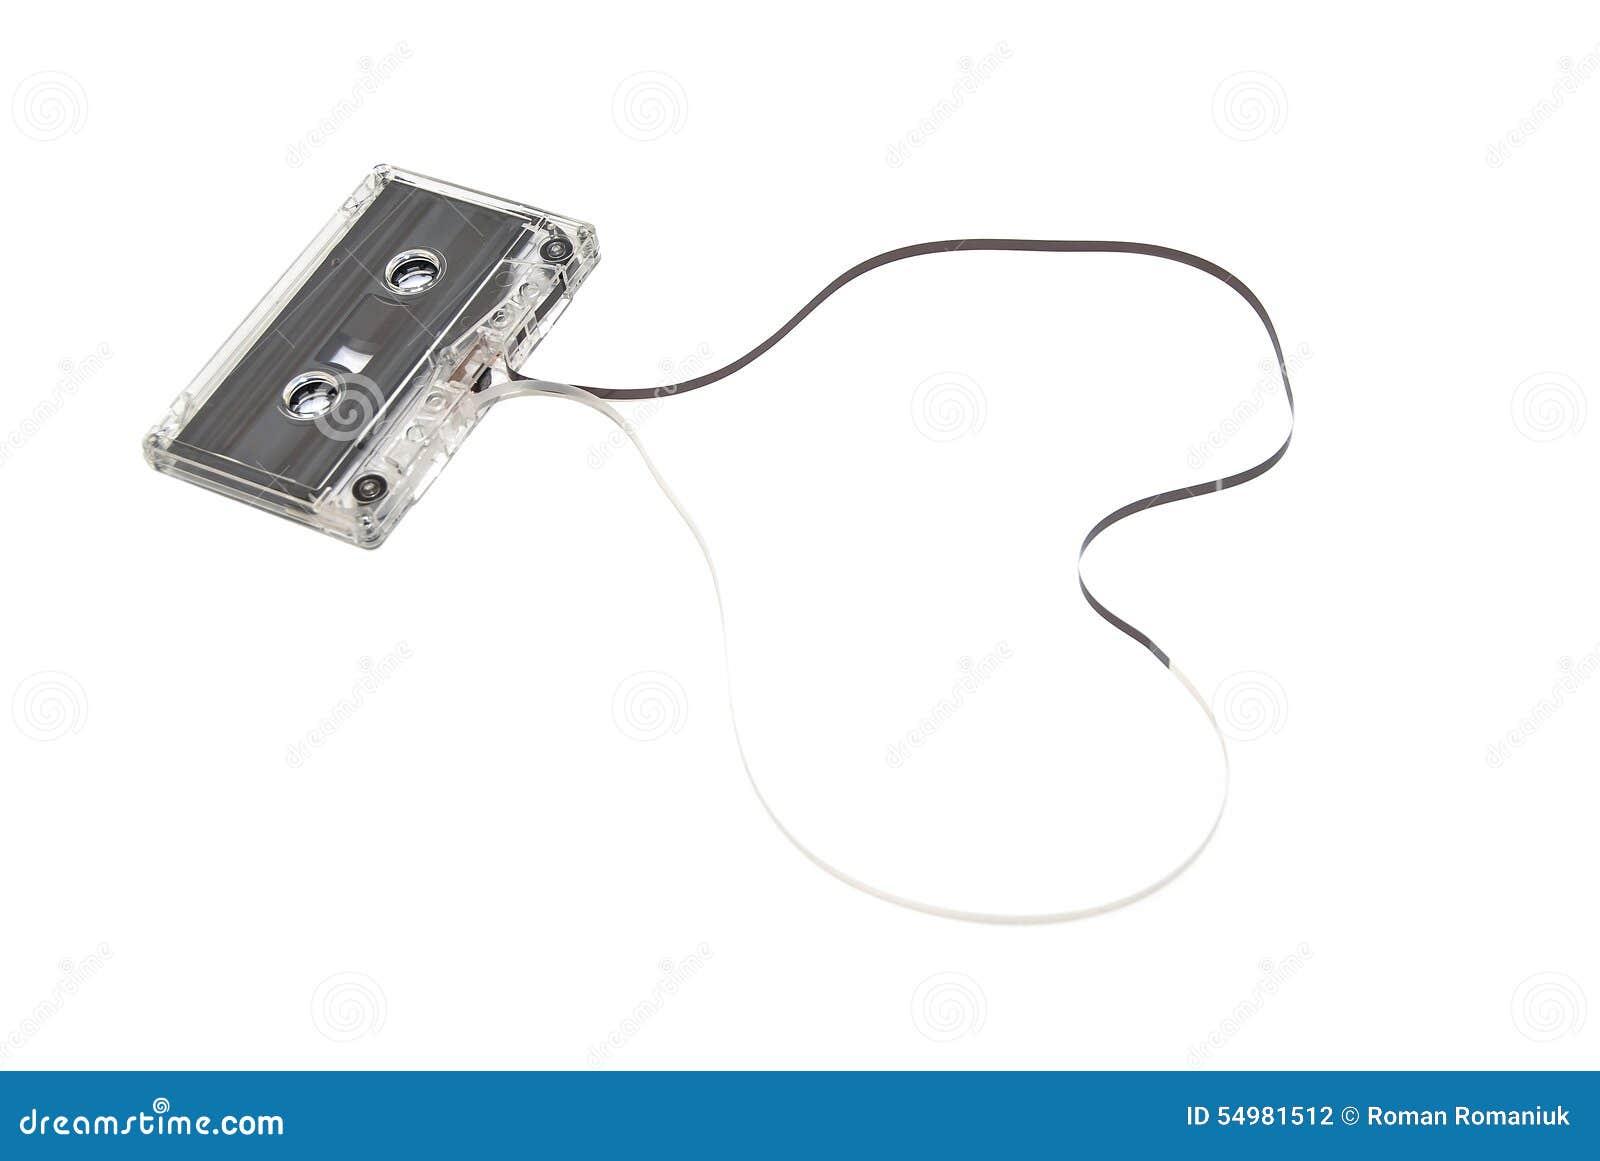 Ядровая изолированная музыка кассеты